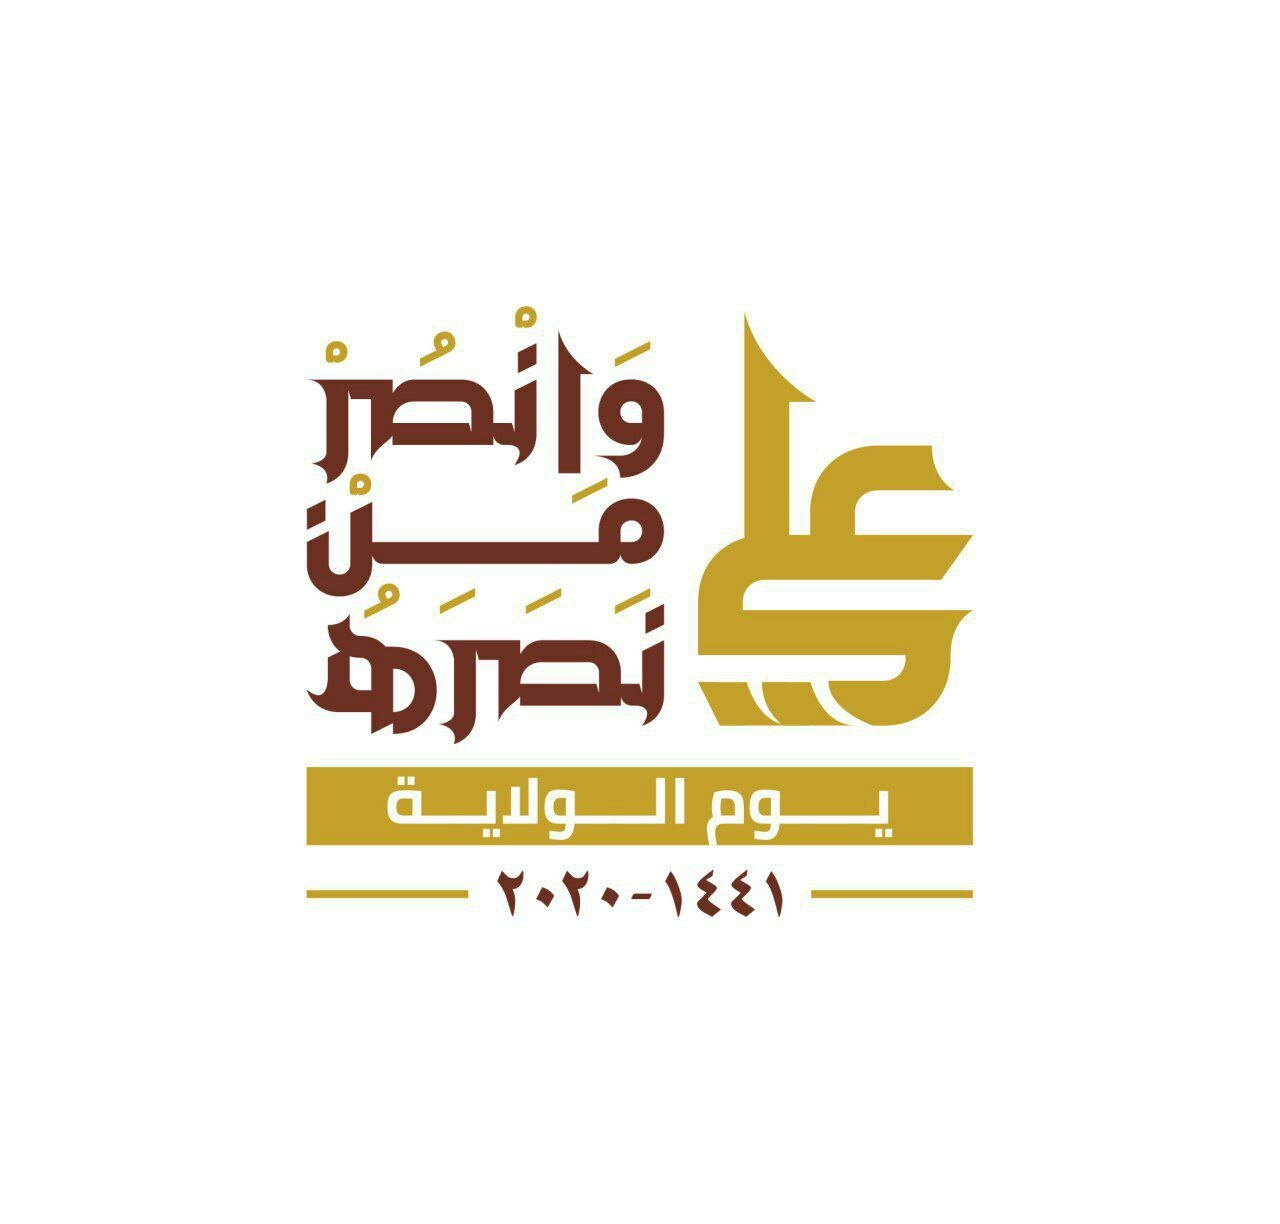 شبهات وردود تثبت تنصيب الإمام علي وليا وخليفة في غدير خم إب نيوز